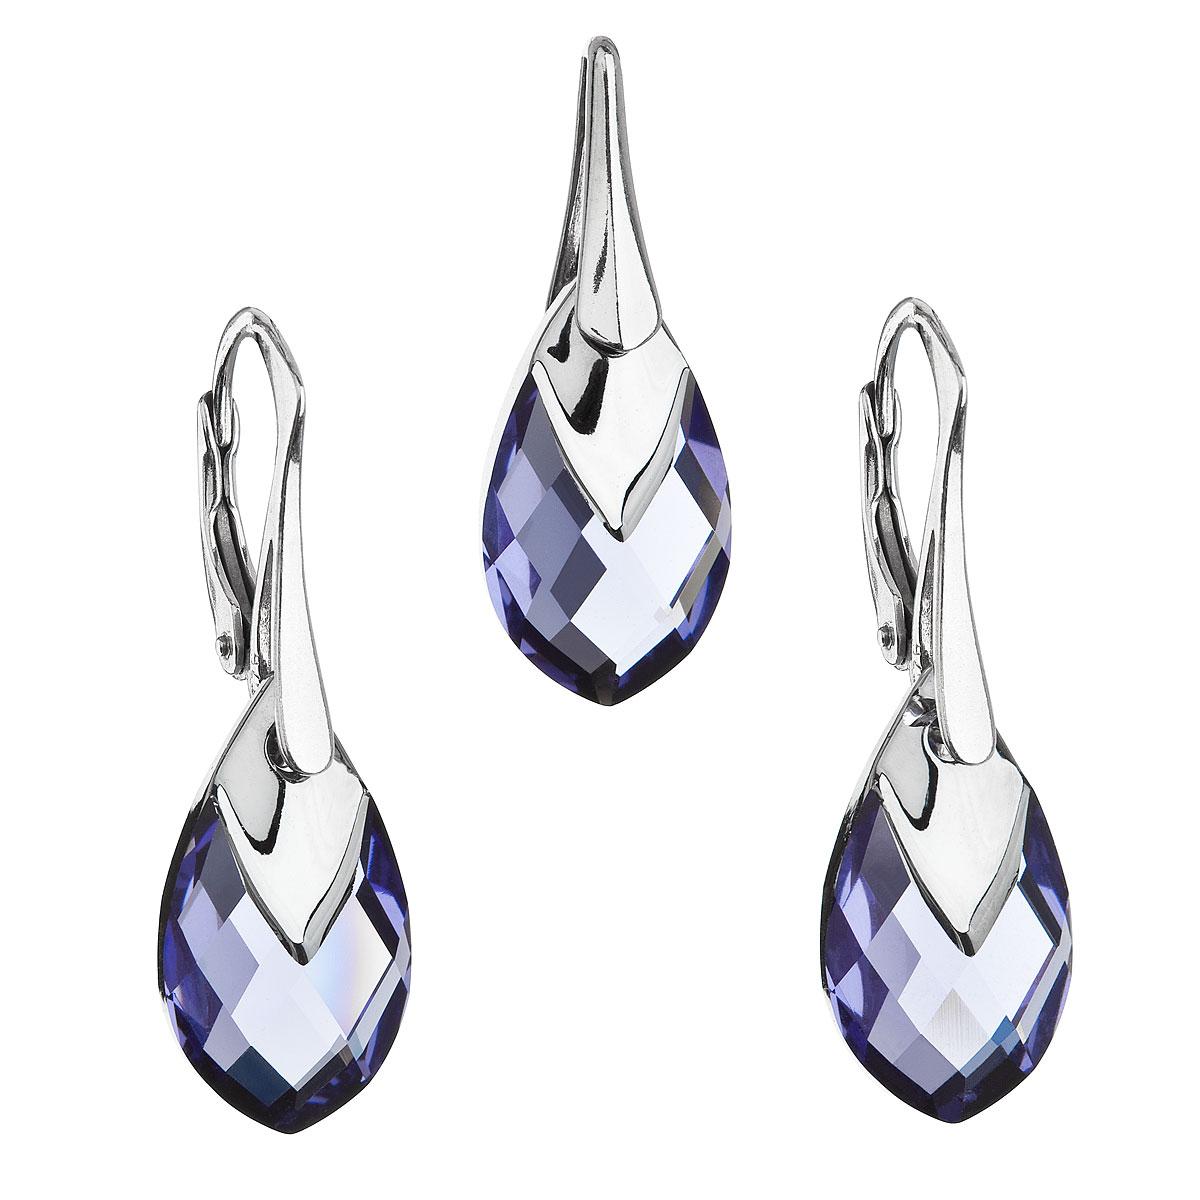 Sada šperků s krystaly Swarovski náušnice a přívěsek fialová slza 39169.4 tanzanite